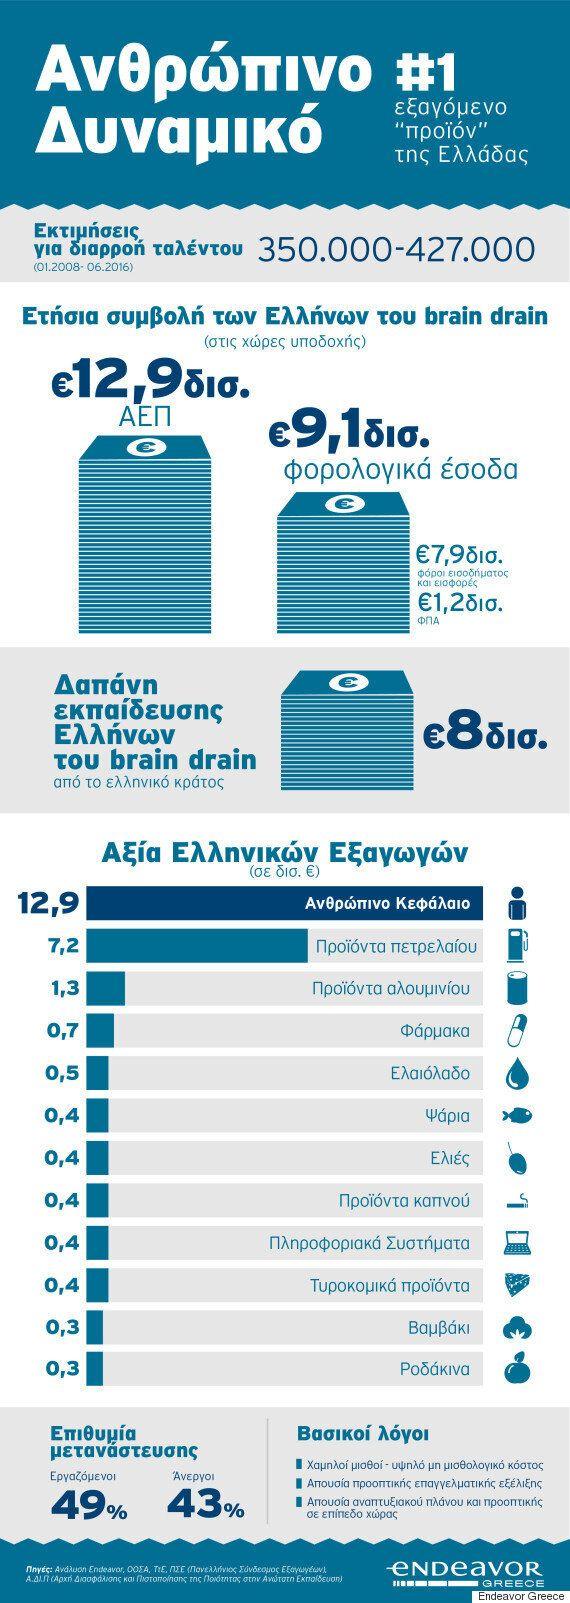 Έρευνα: Πόσο ωφελούνται από το ελληνικό «Brain Drain» οι χώρες